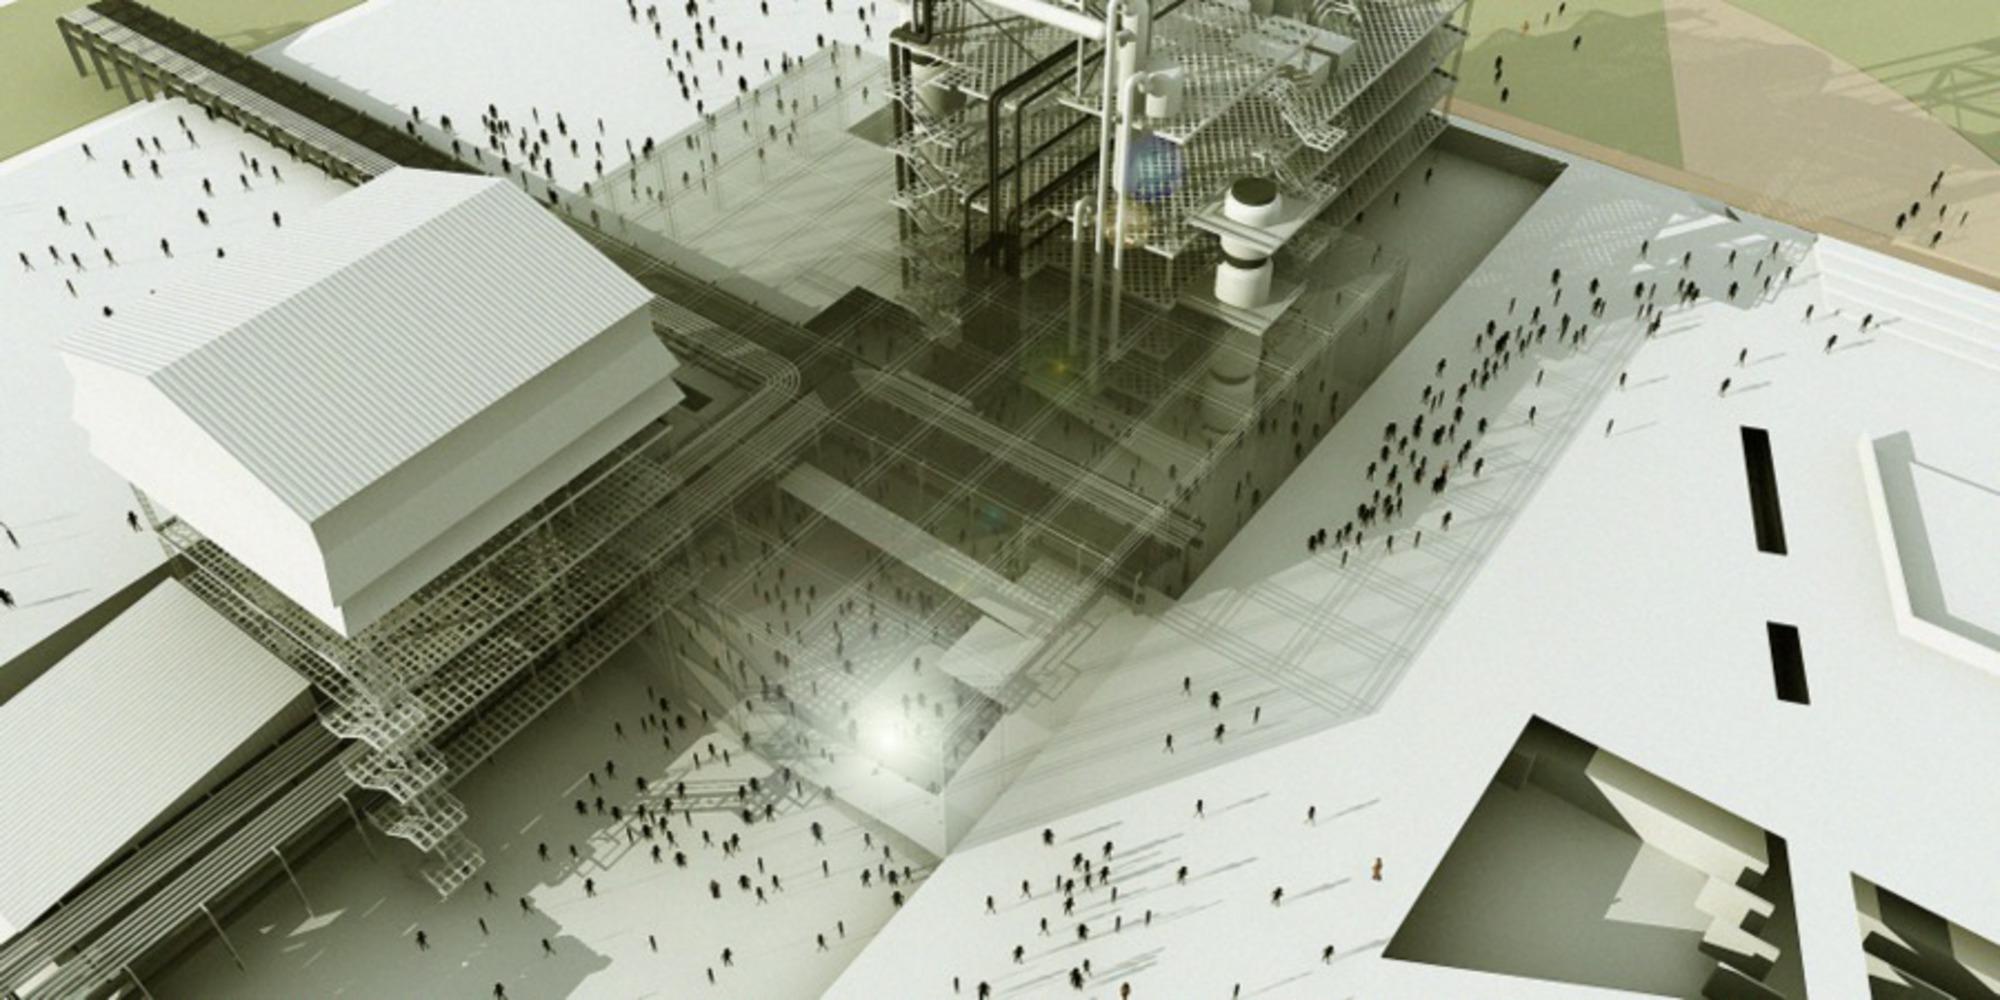 Bhopal memorial design development spacematters memorial walk frame 06.thumb